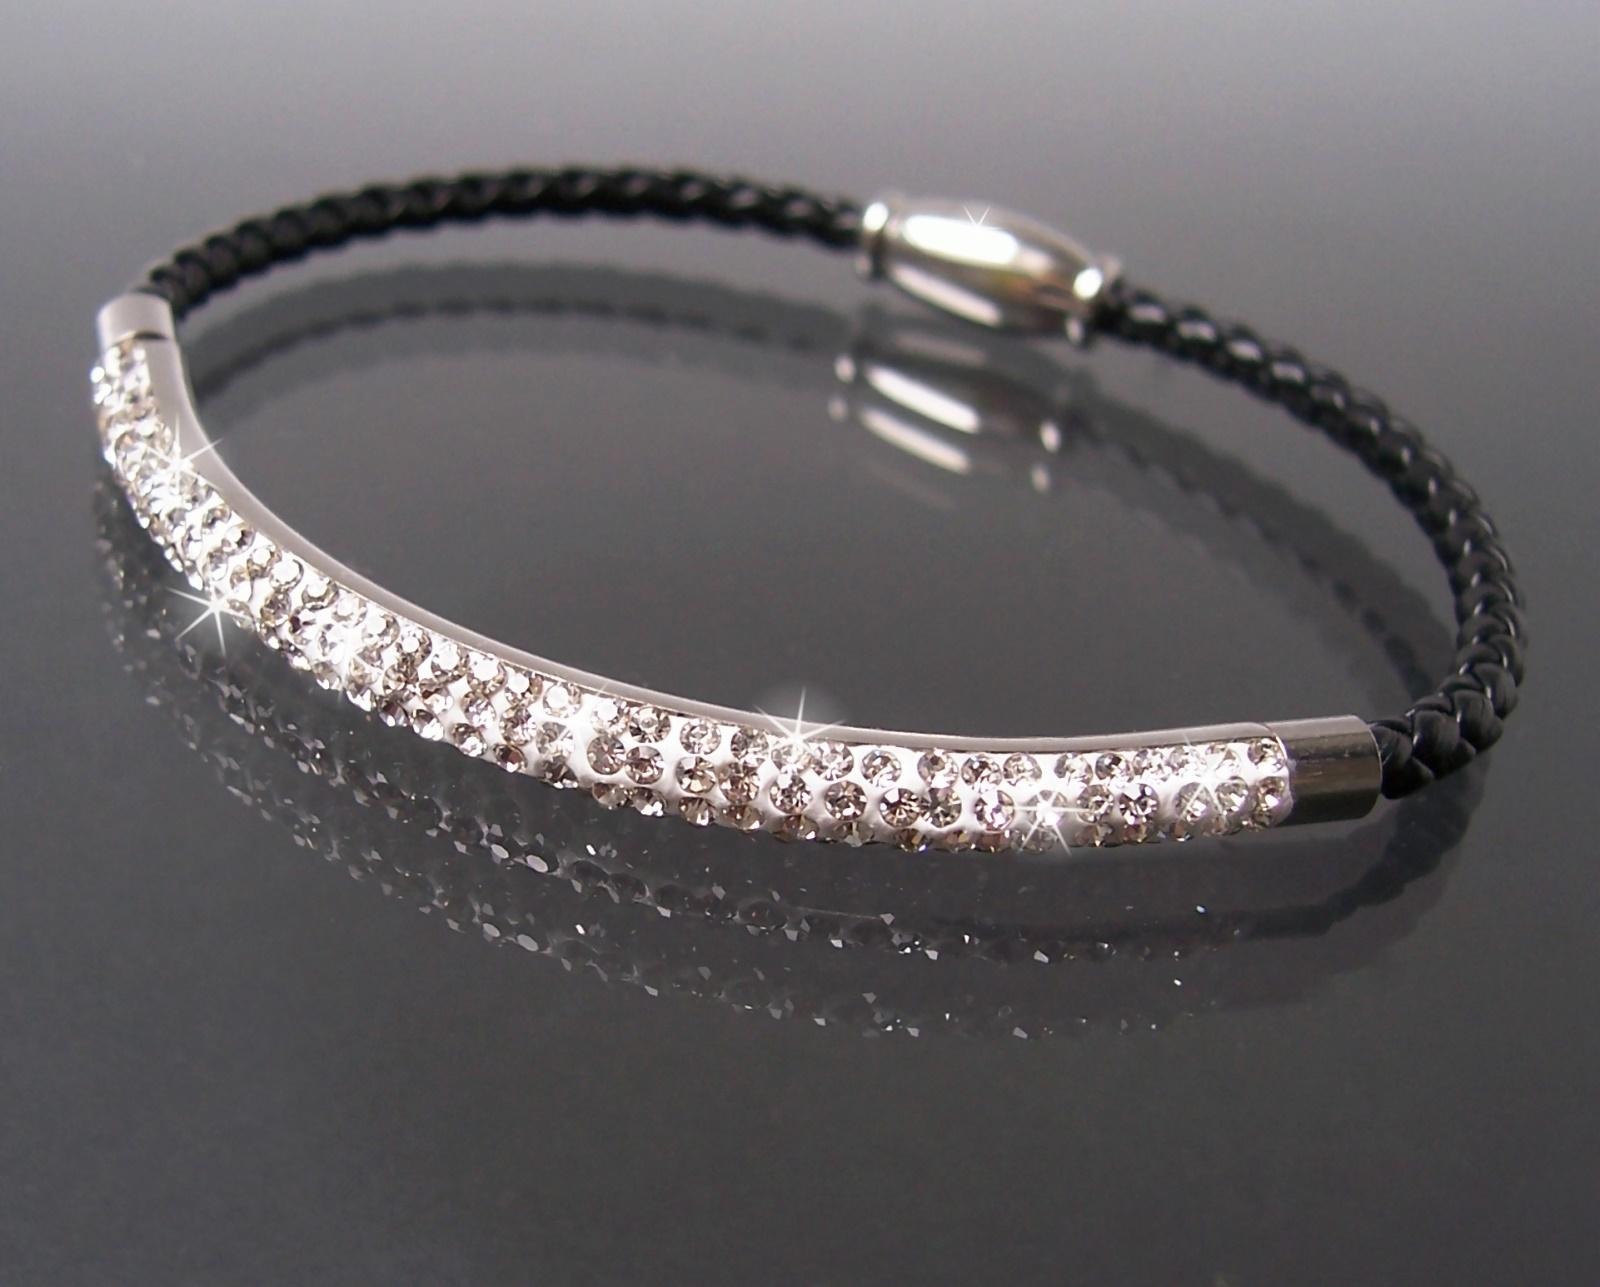 Armband Leder schwarz Edelstahl silber Strassreif Damen Schmuck A77709